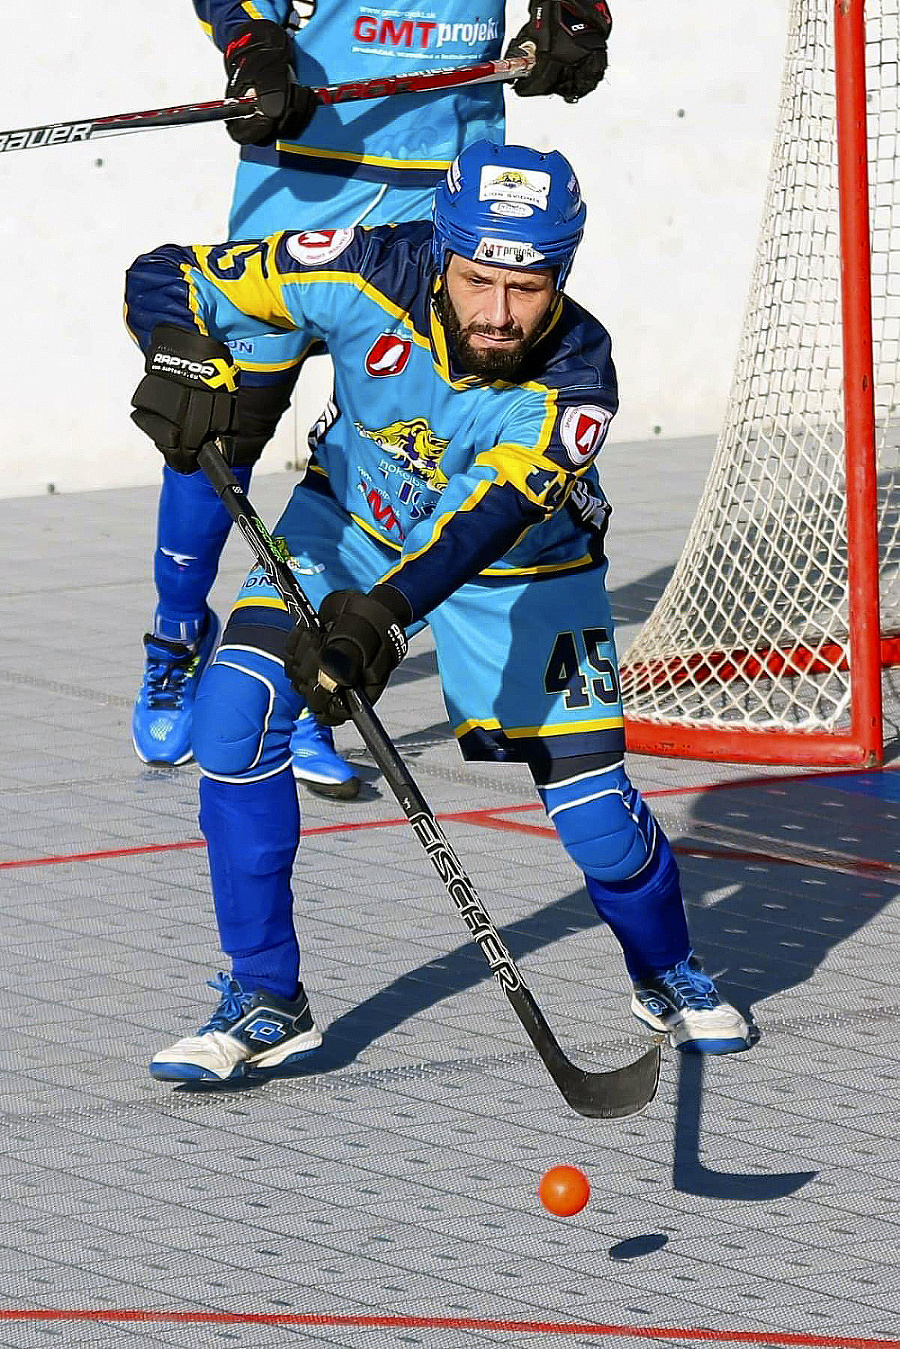 Guľo bol výborný obranca  a v poslednej sezóne i kapitán tímu.